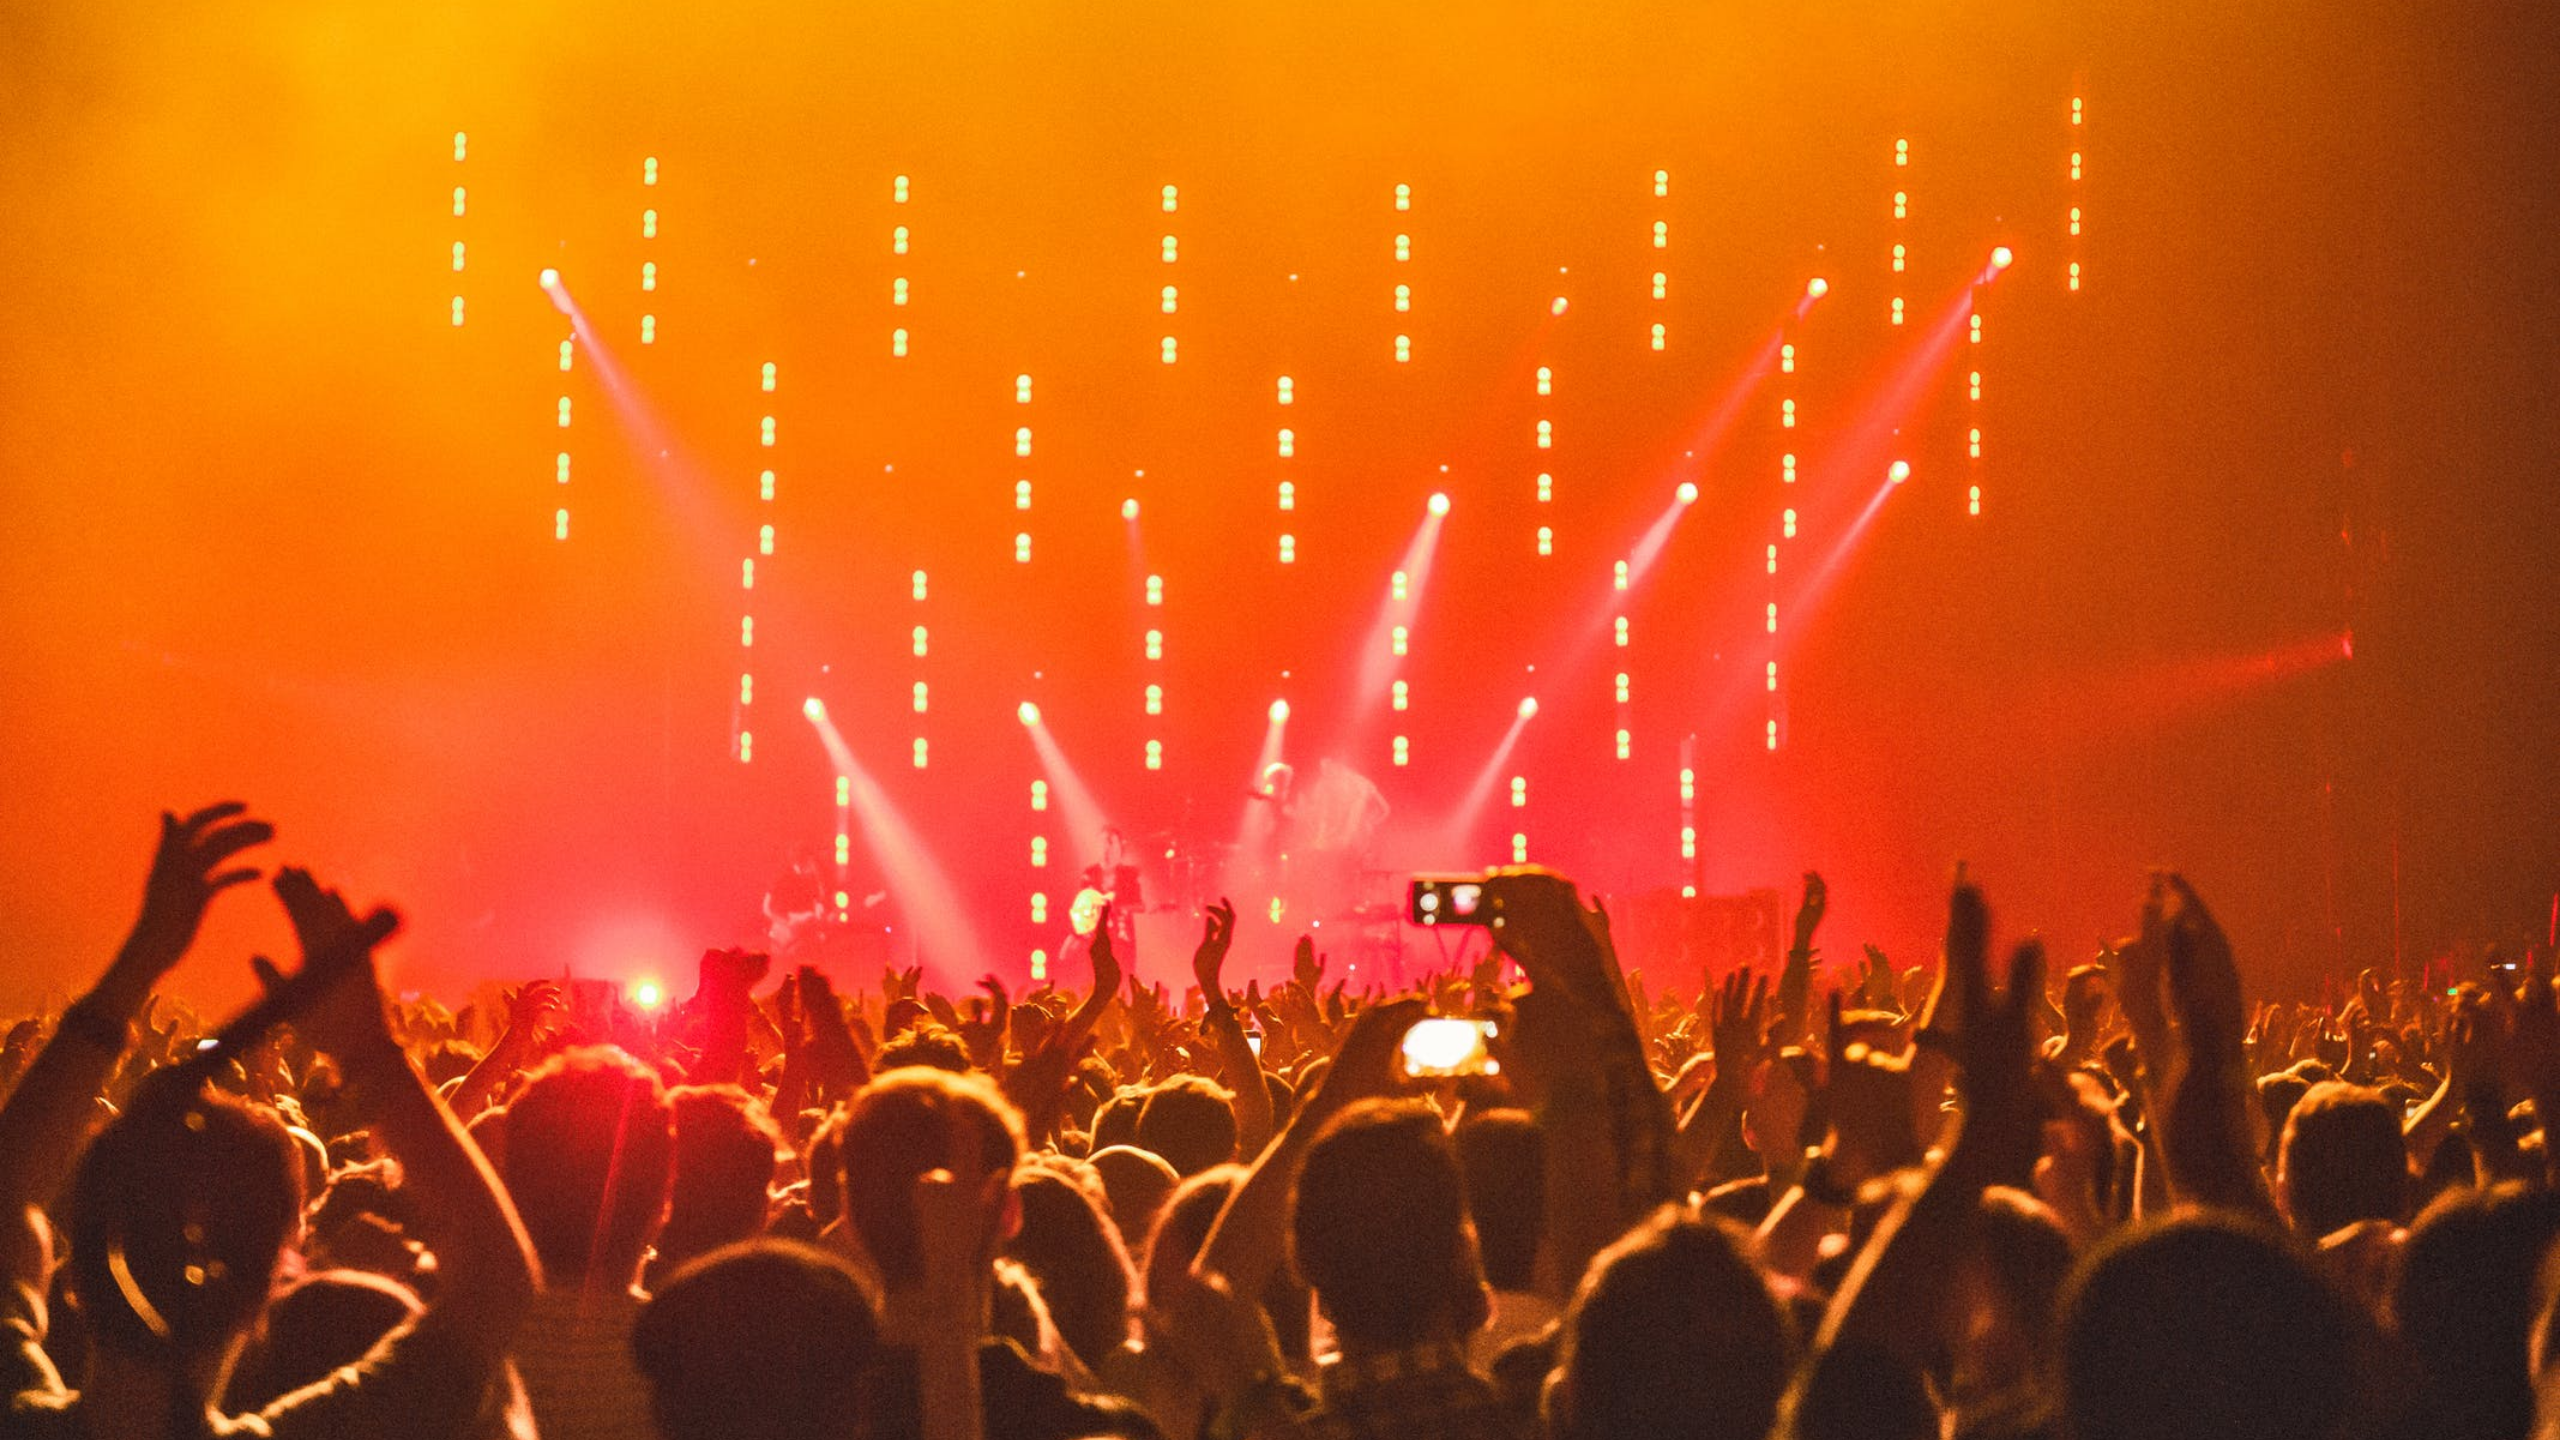 concert-fans